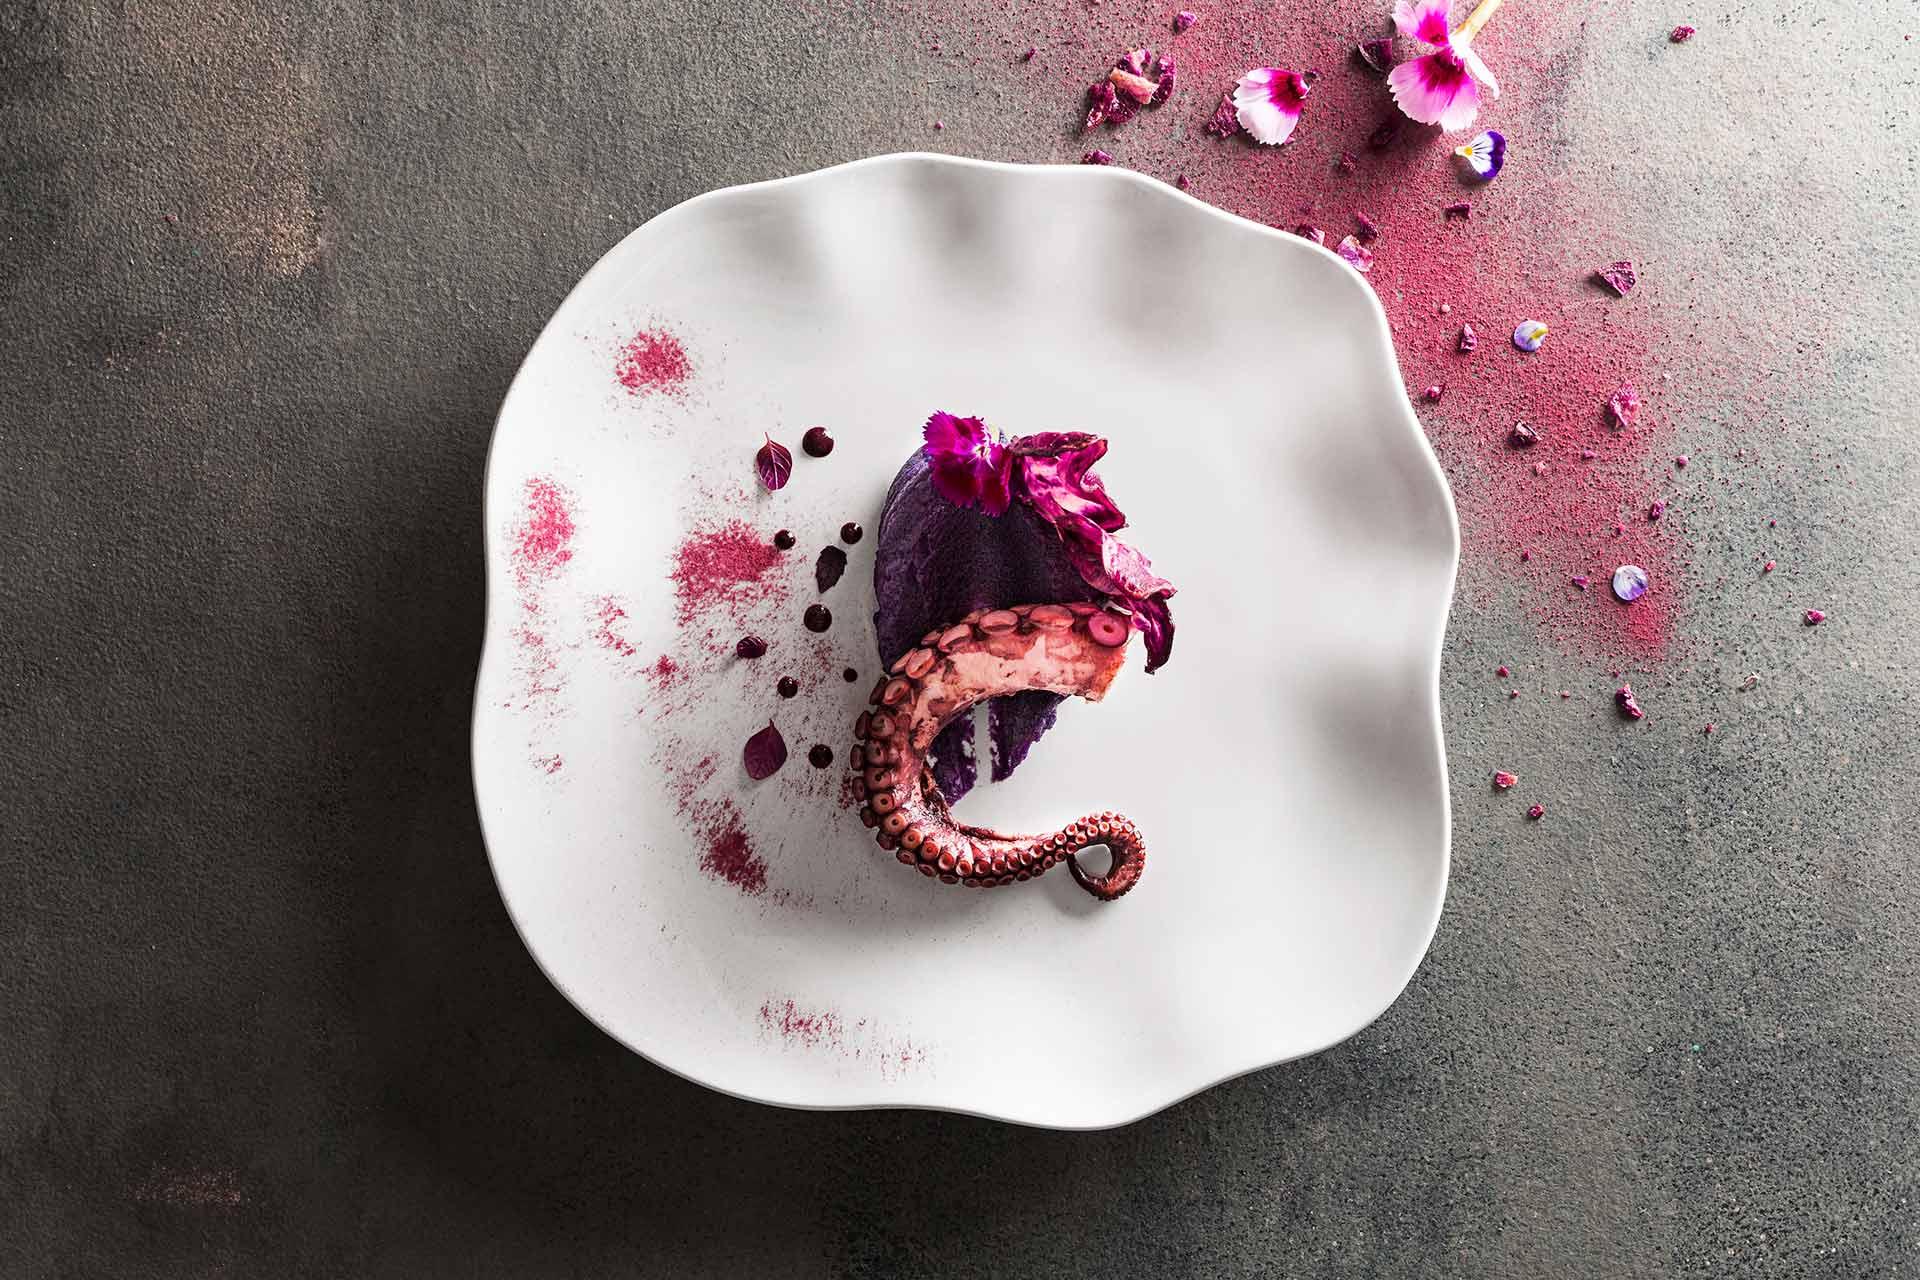 Imagem: O prato Zen é perfeito para soltar a criatividade gastronômica. Com formato irregular, a inspiração veio da filosofia japonesa que busca a beleza no imperfeito.